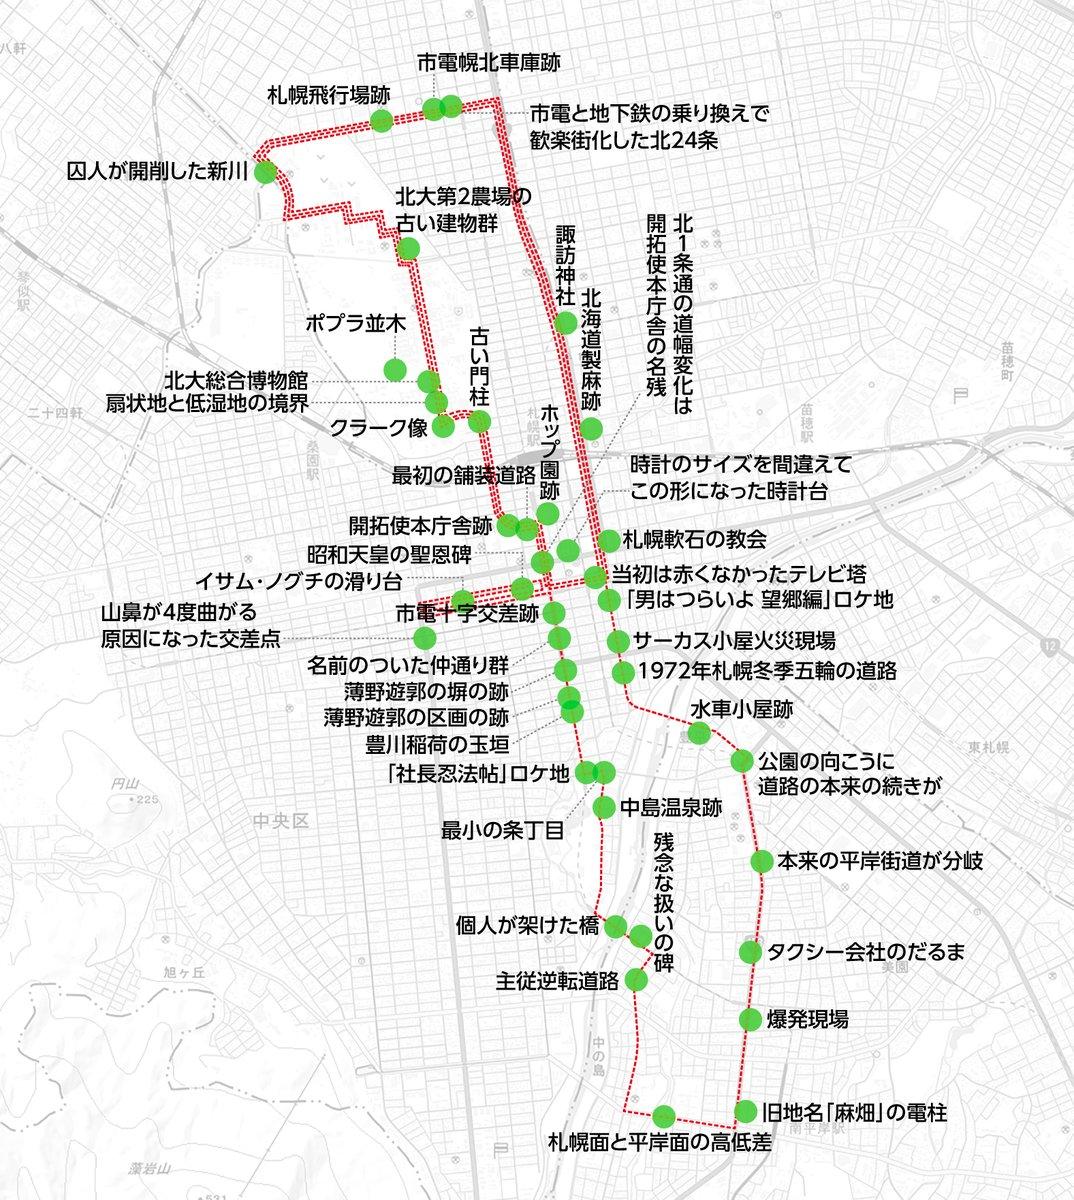 オリンピック 札幌 マラソン